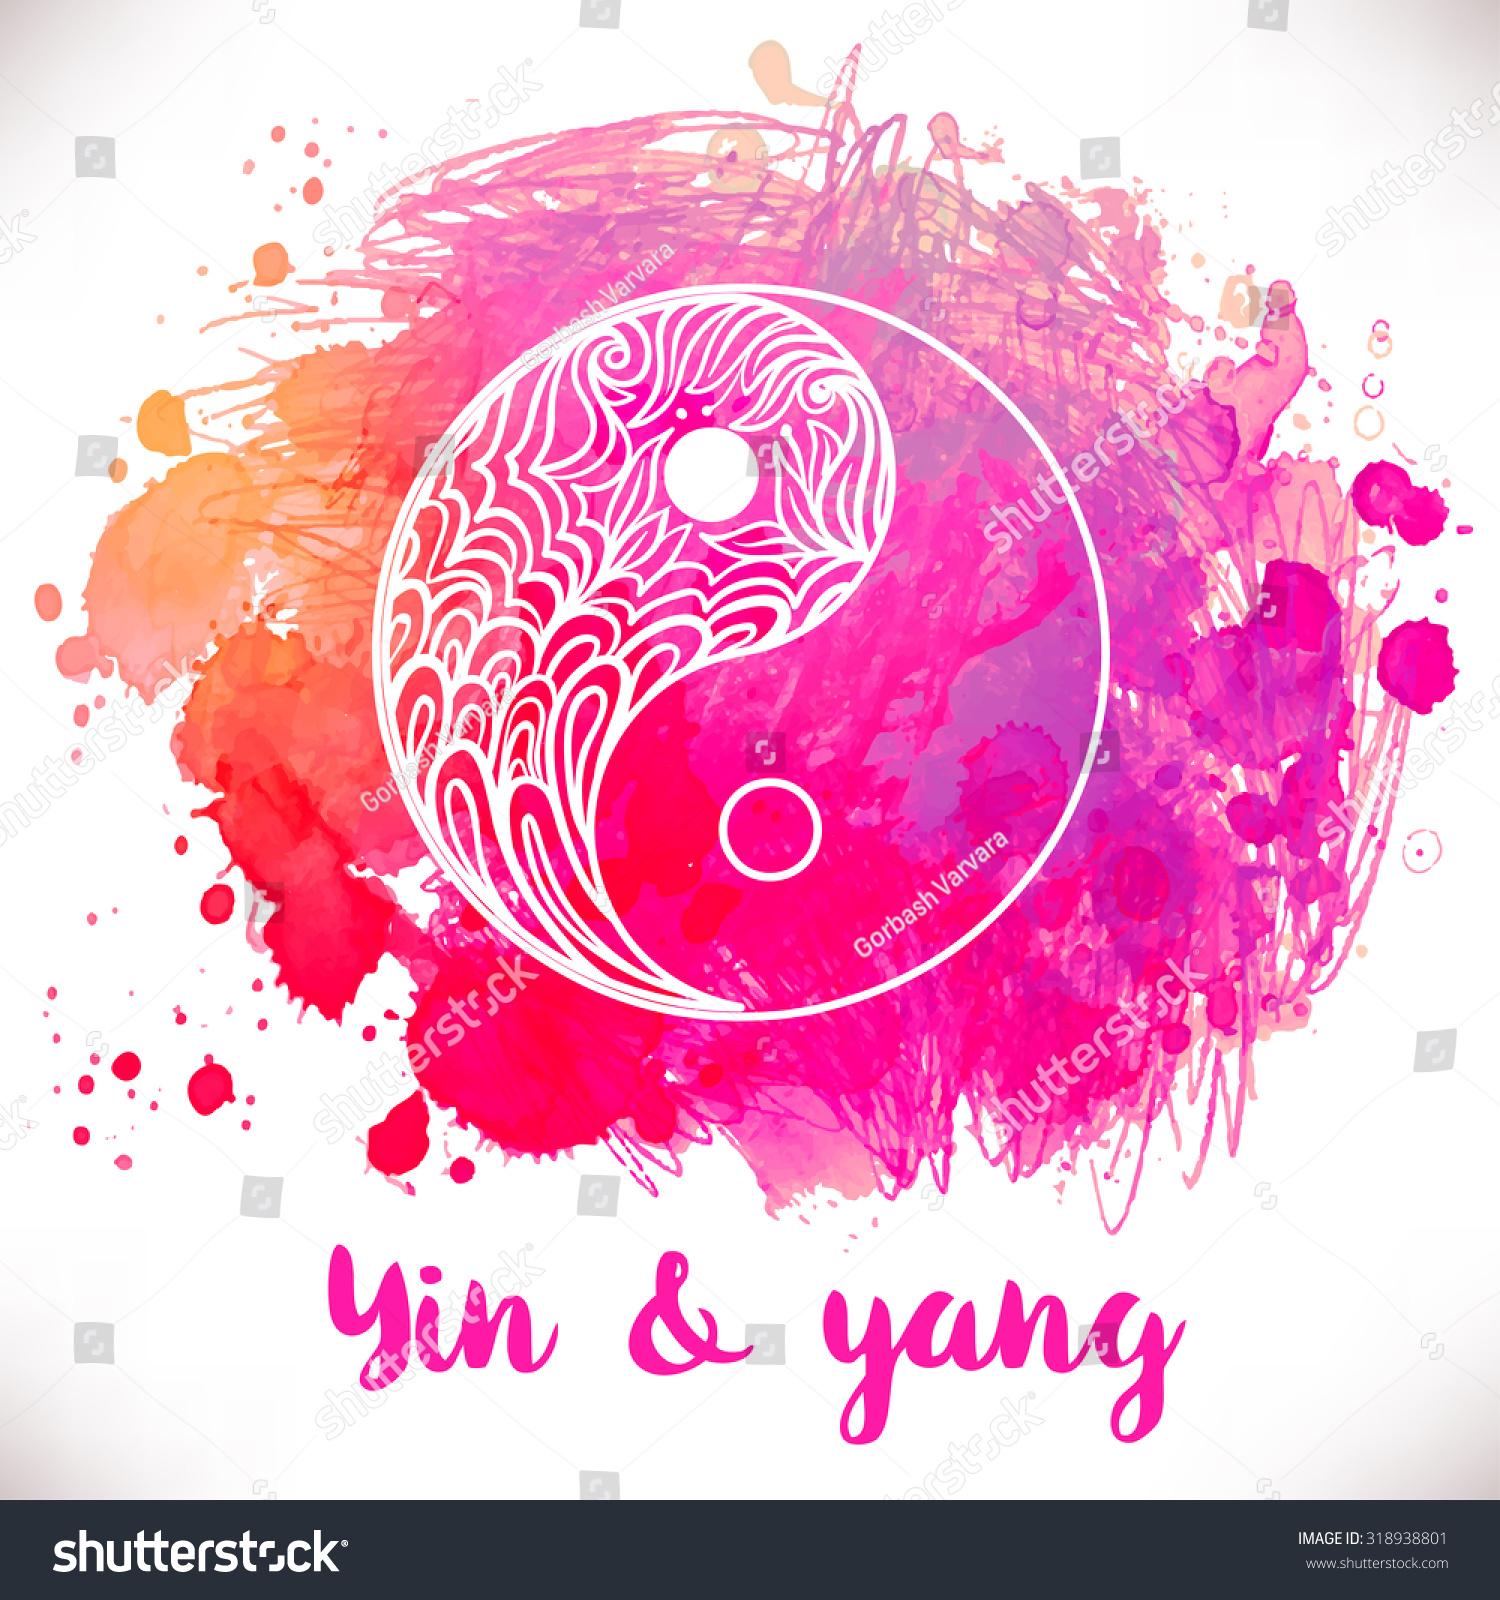 Salle De Bain Yin Yang Salle Orchamps Association Yin Yang 25